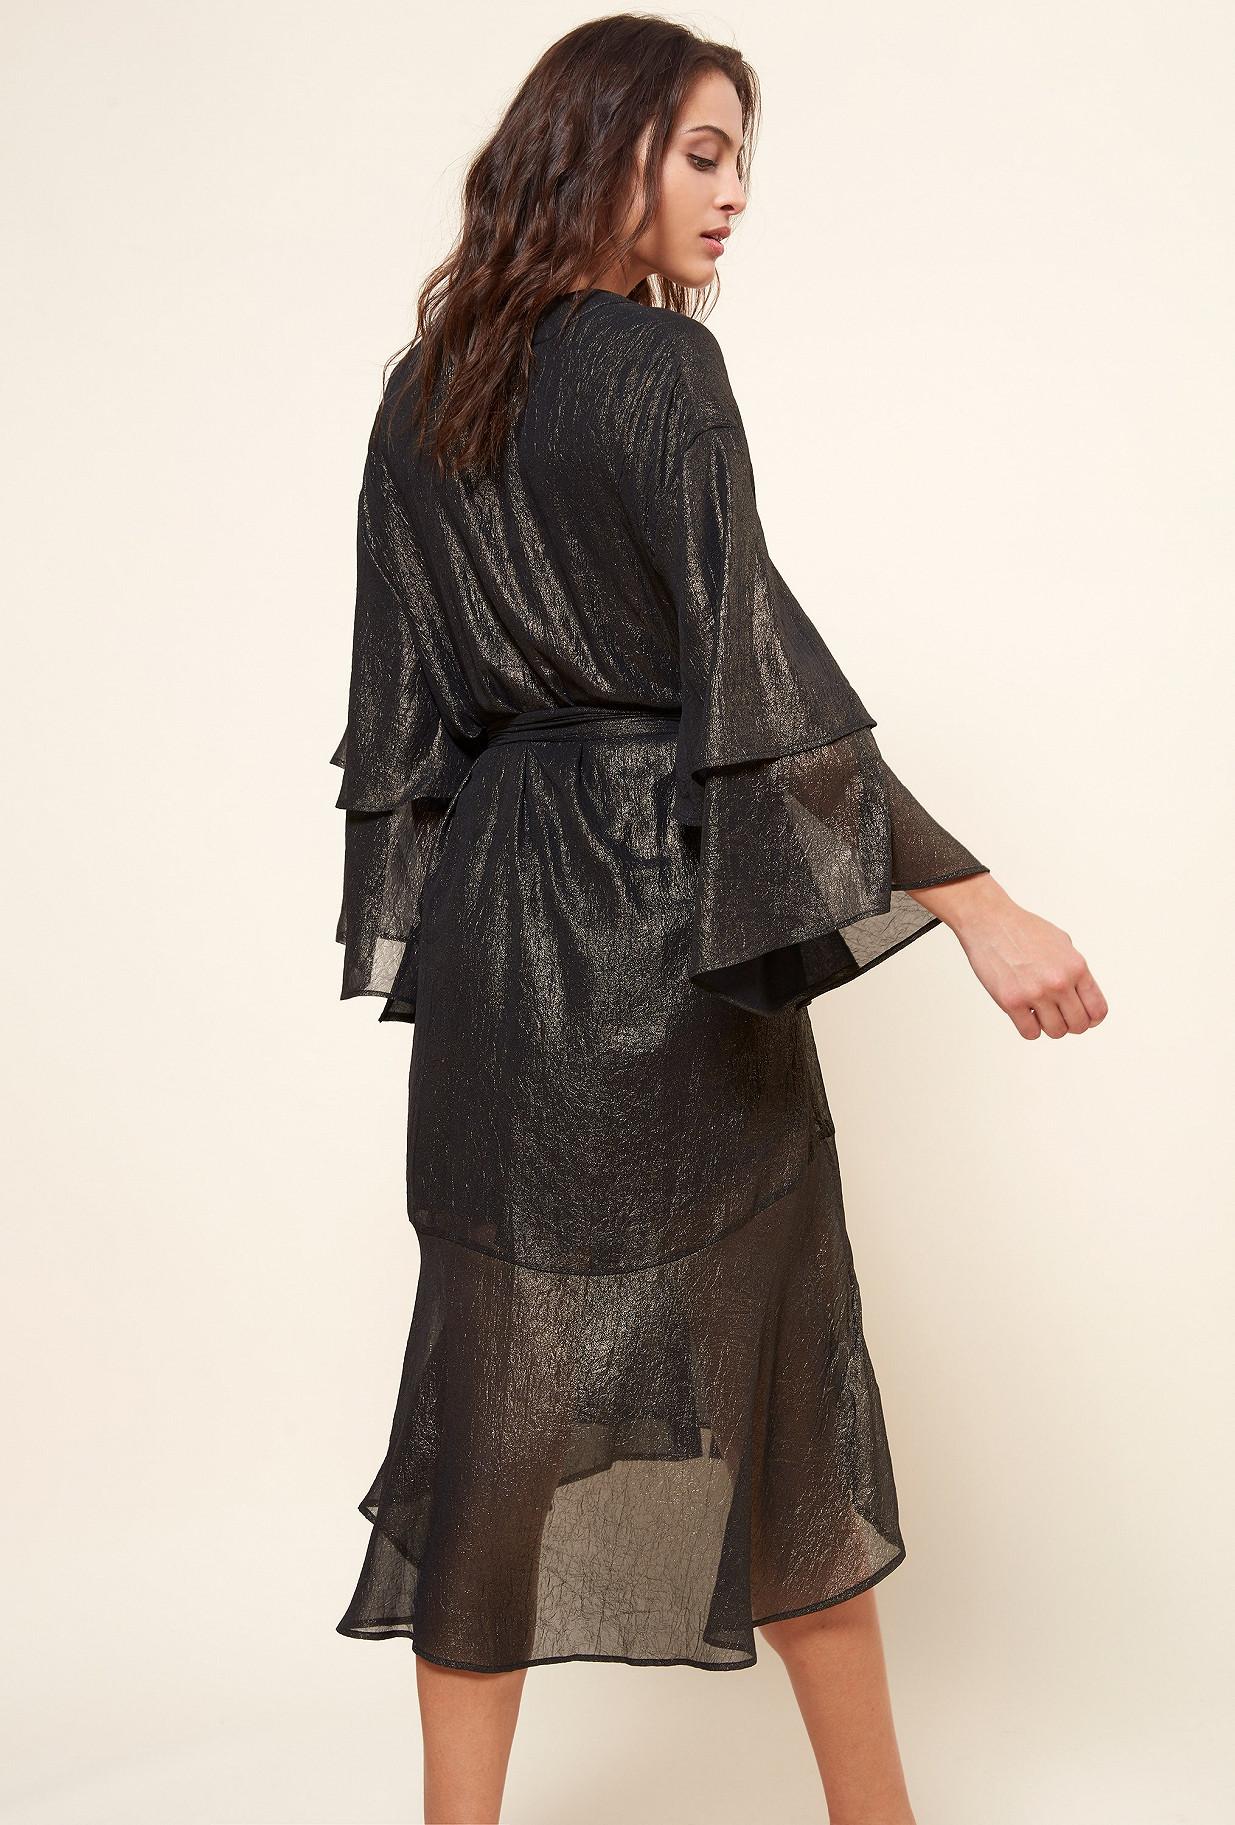 Paris boutique de mode vêtement KIMONO créateur bohème  Reflexion